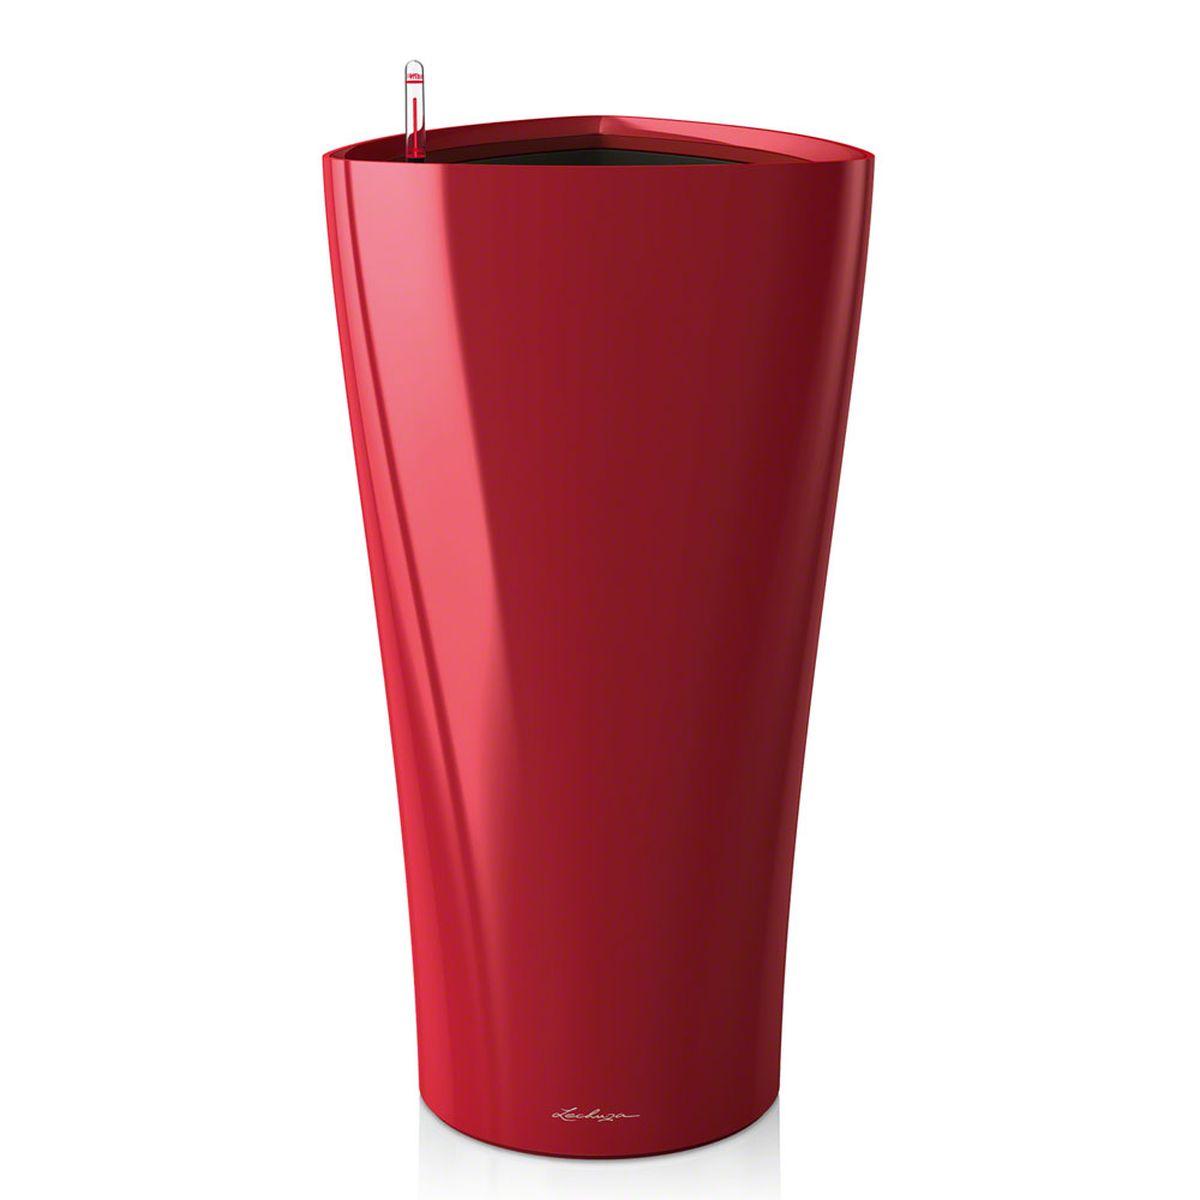 Кашпо Lechuza Delta, с системой автополива, цвет: красный, 30 х 30 х 56 см15246Кашпо Lechuza Delta, выполненное извысококачественного пластика, имеет уникальную системуавтополива, благодаря которой корневая система растениянепрерывно снабжается влагой из резервуара. Уровень водыв резервуаре контролируется с помощью специальногоиндикатора. В зависимости от размера кашпо и растенияводы хватает на 2-12 недель. Это способствует хорошему ростуцветов и предотвращает переувлажнение. В набор входит: кашпо, внутренний горшок, индикатор уровняводы, вал подачи воды, субстрат растений в качестведренажного слоя, резервуар для воды. Кашпо Lechuza Delta прекрасно впишется в любой интерьер.Оно поможет расставить нужные акценты ипридаст помещению вид, соответствующий вашимпредставлениям.